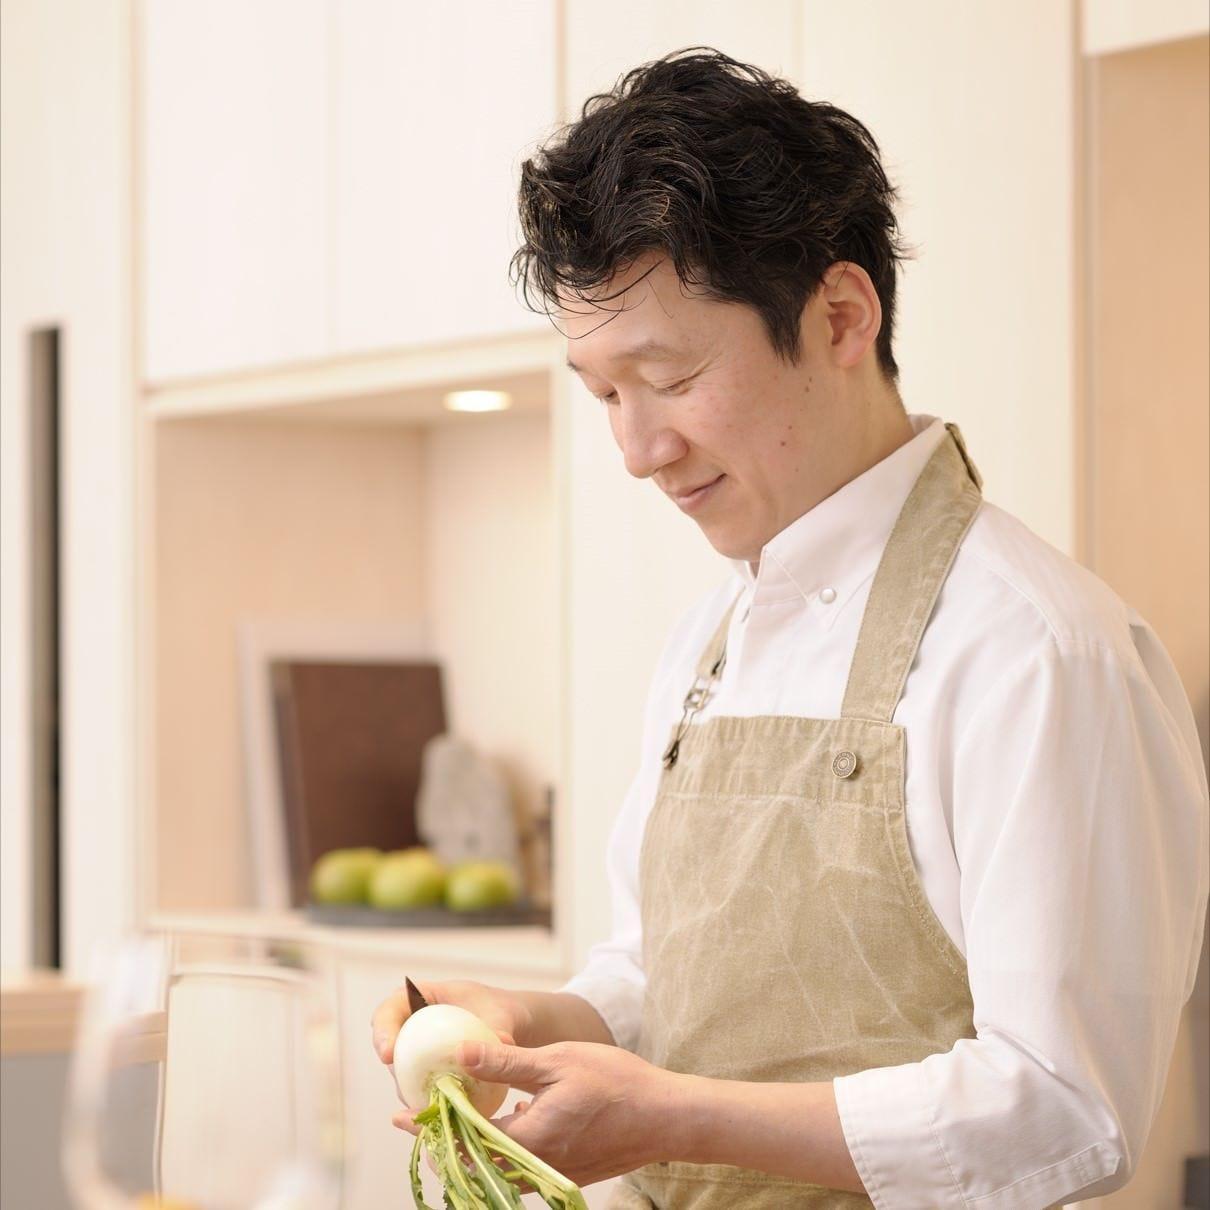 【料理人】シェフ:横須賀 雅明